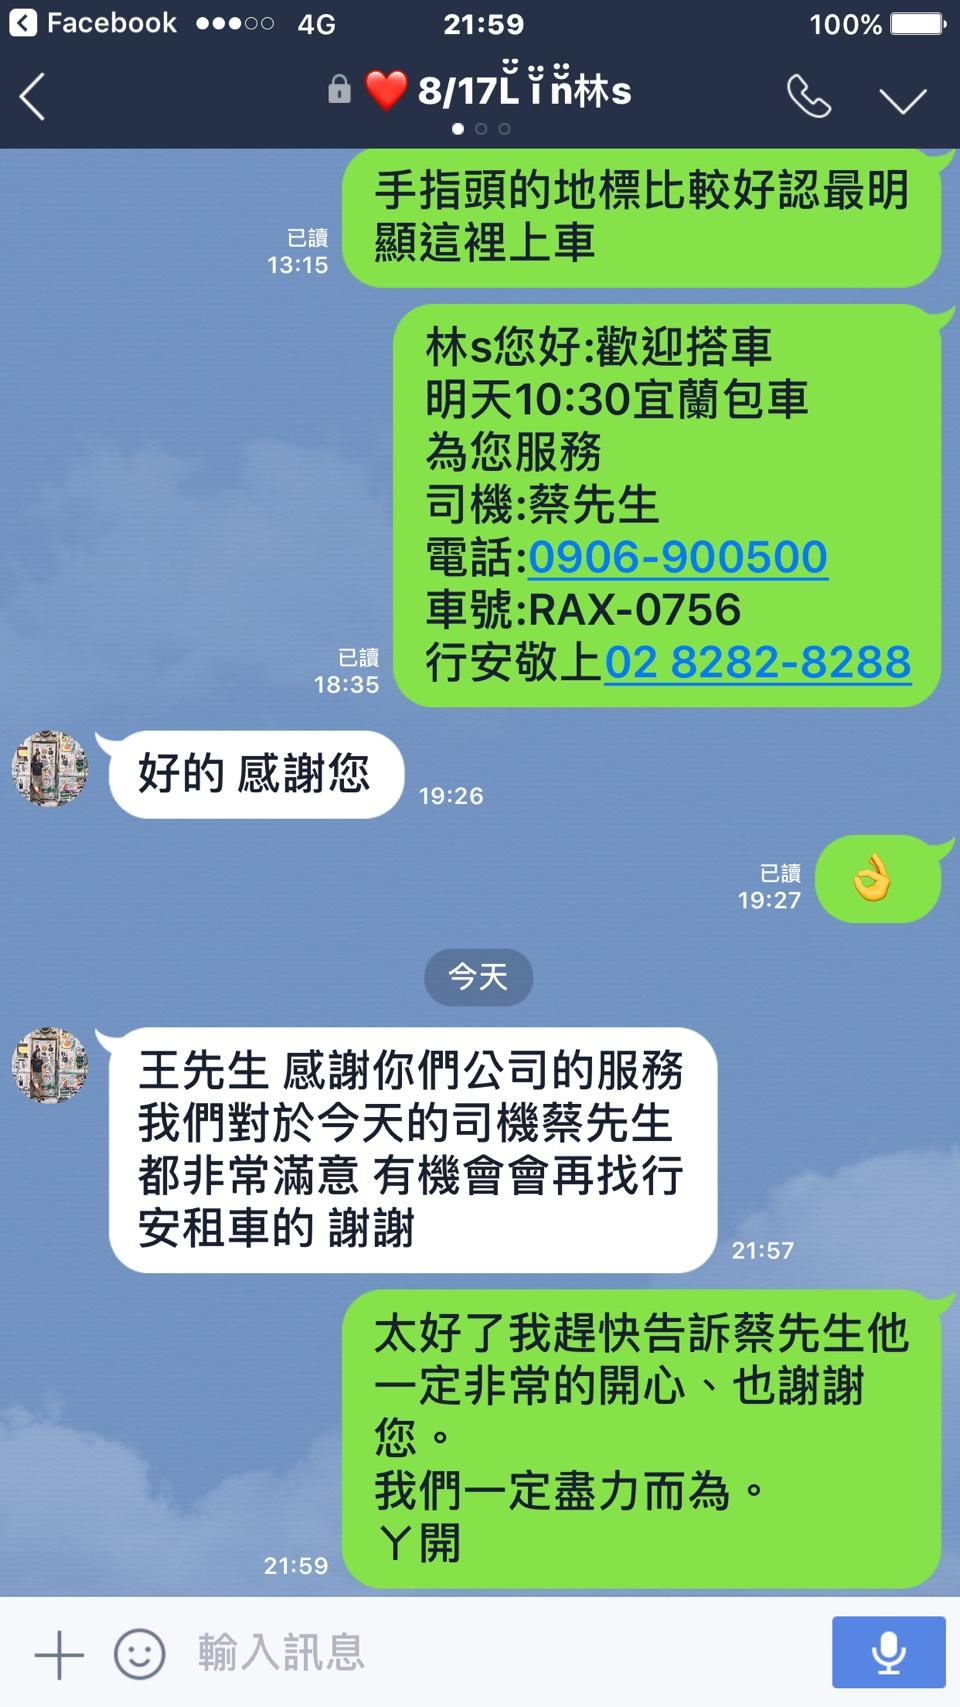 旅遊包車推薦 (20).jpg